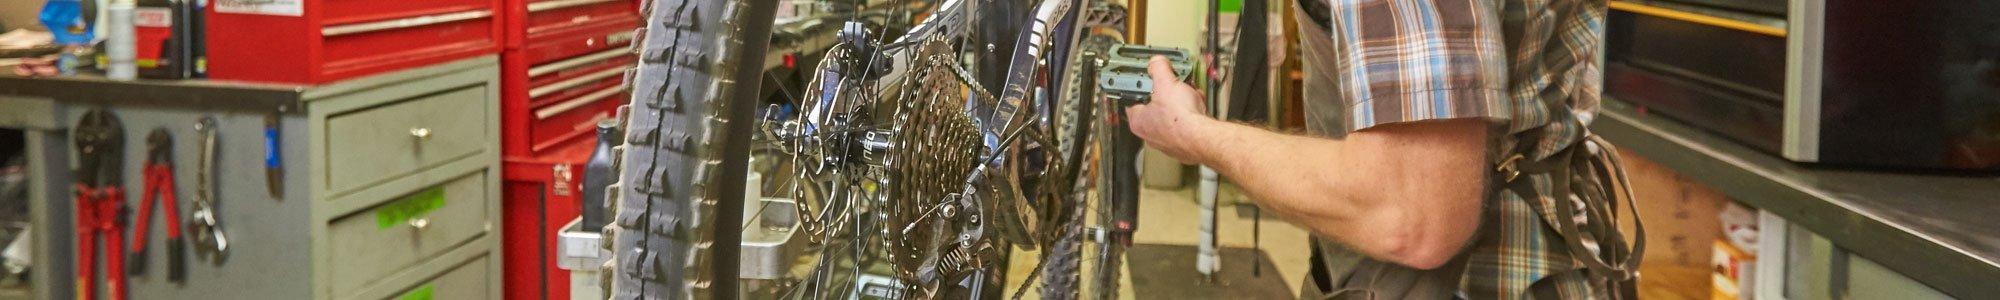 Eugene Bicycle Tune Up